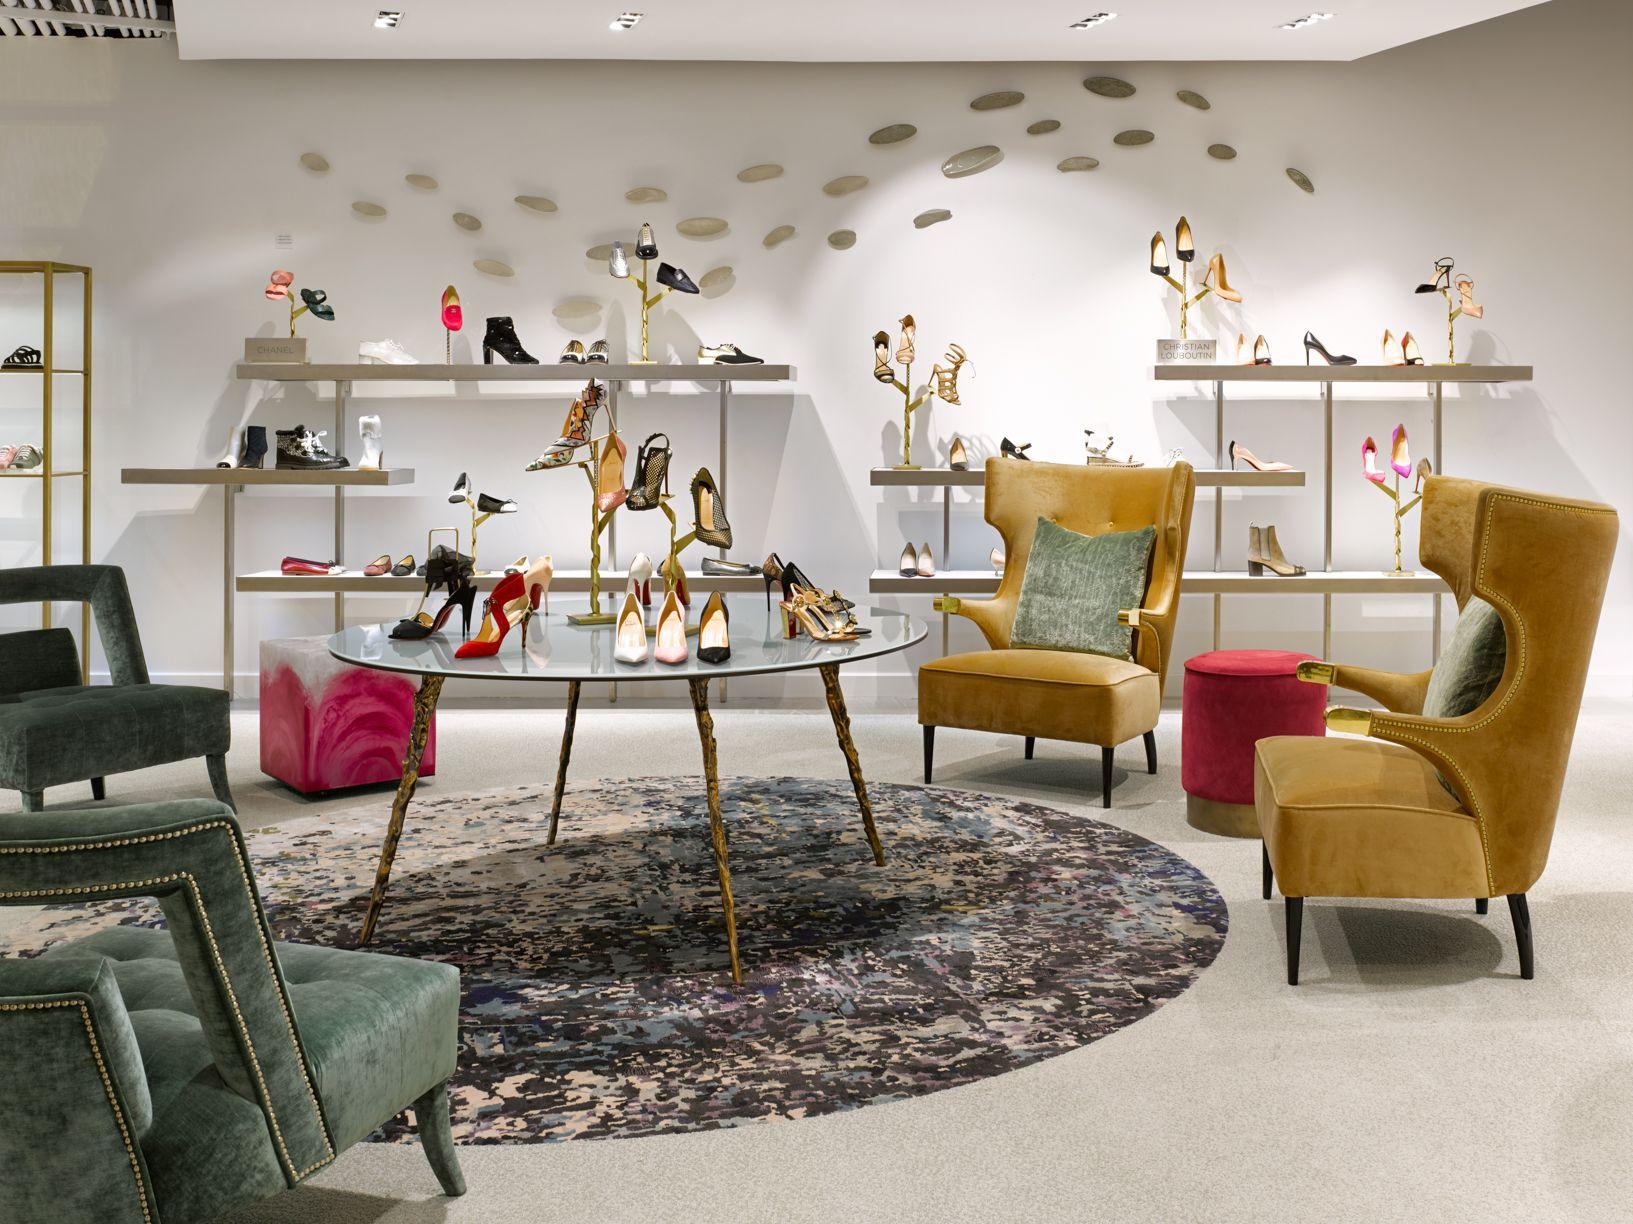 Frch Interiordesign Architecture Saks Saksfifthavenue Luxurybrand Retaildesign Fashion Design Interior Store Design